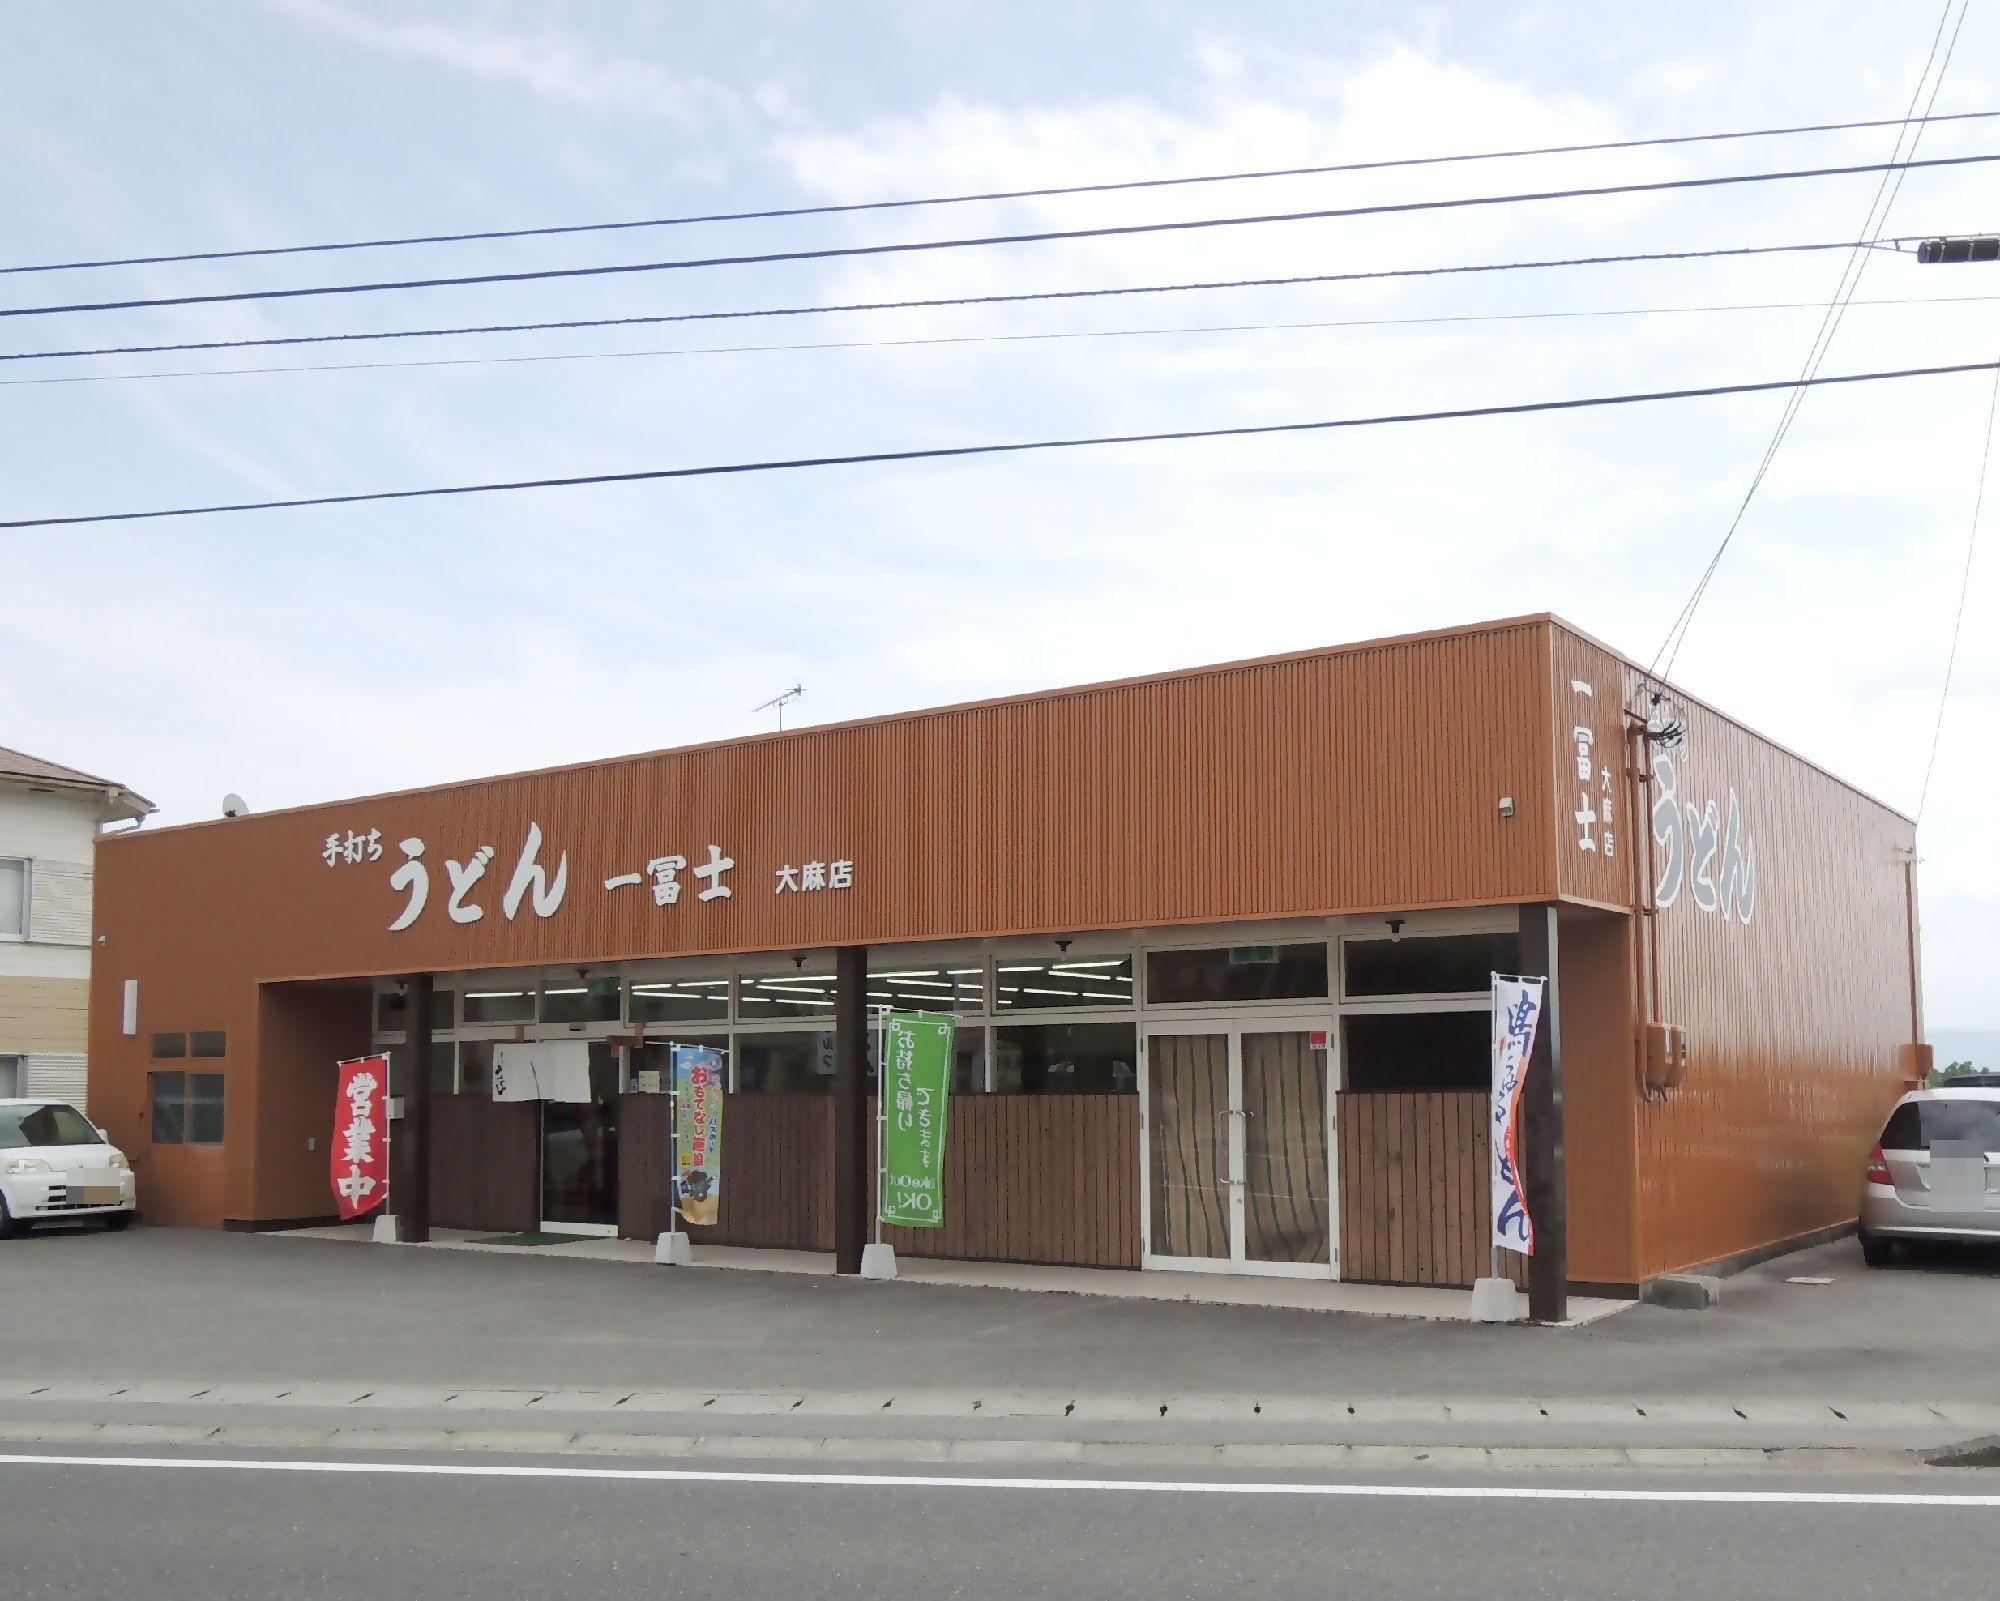 一冨士 大麻店